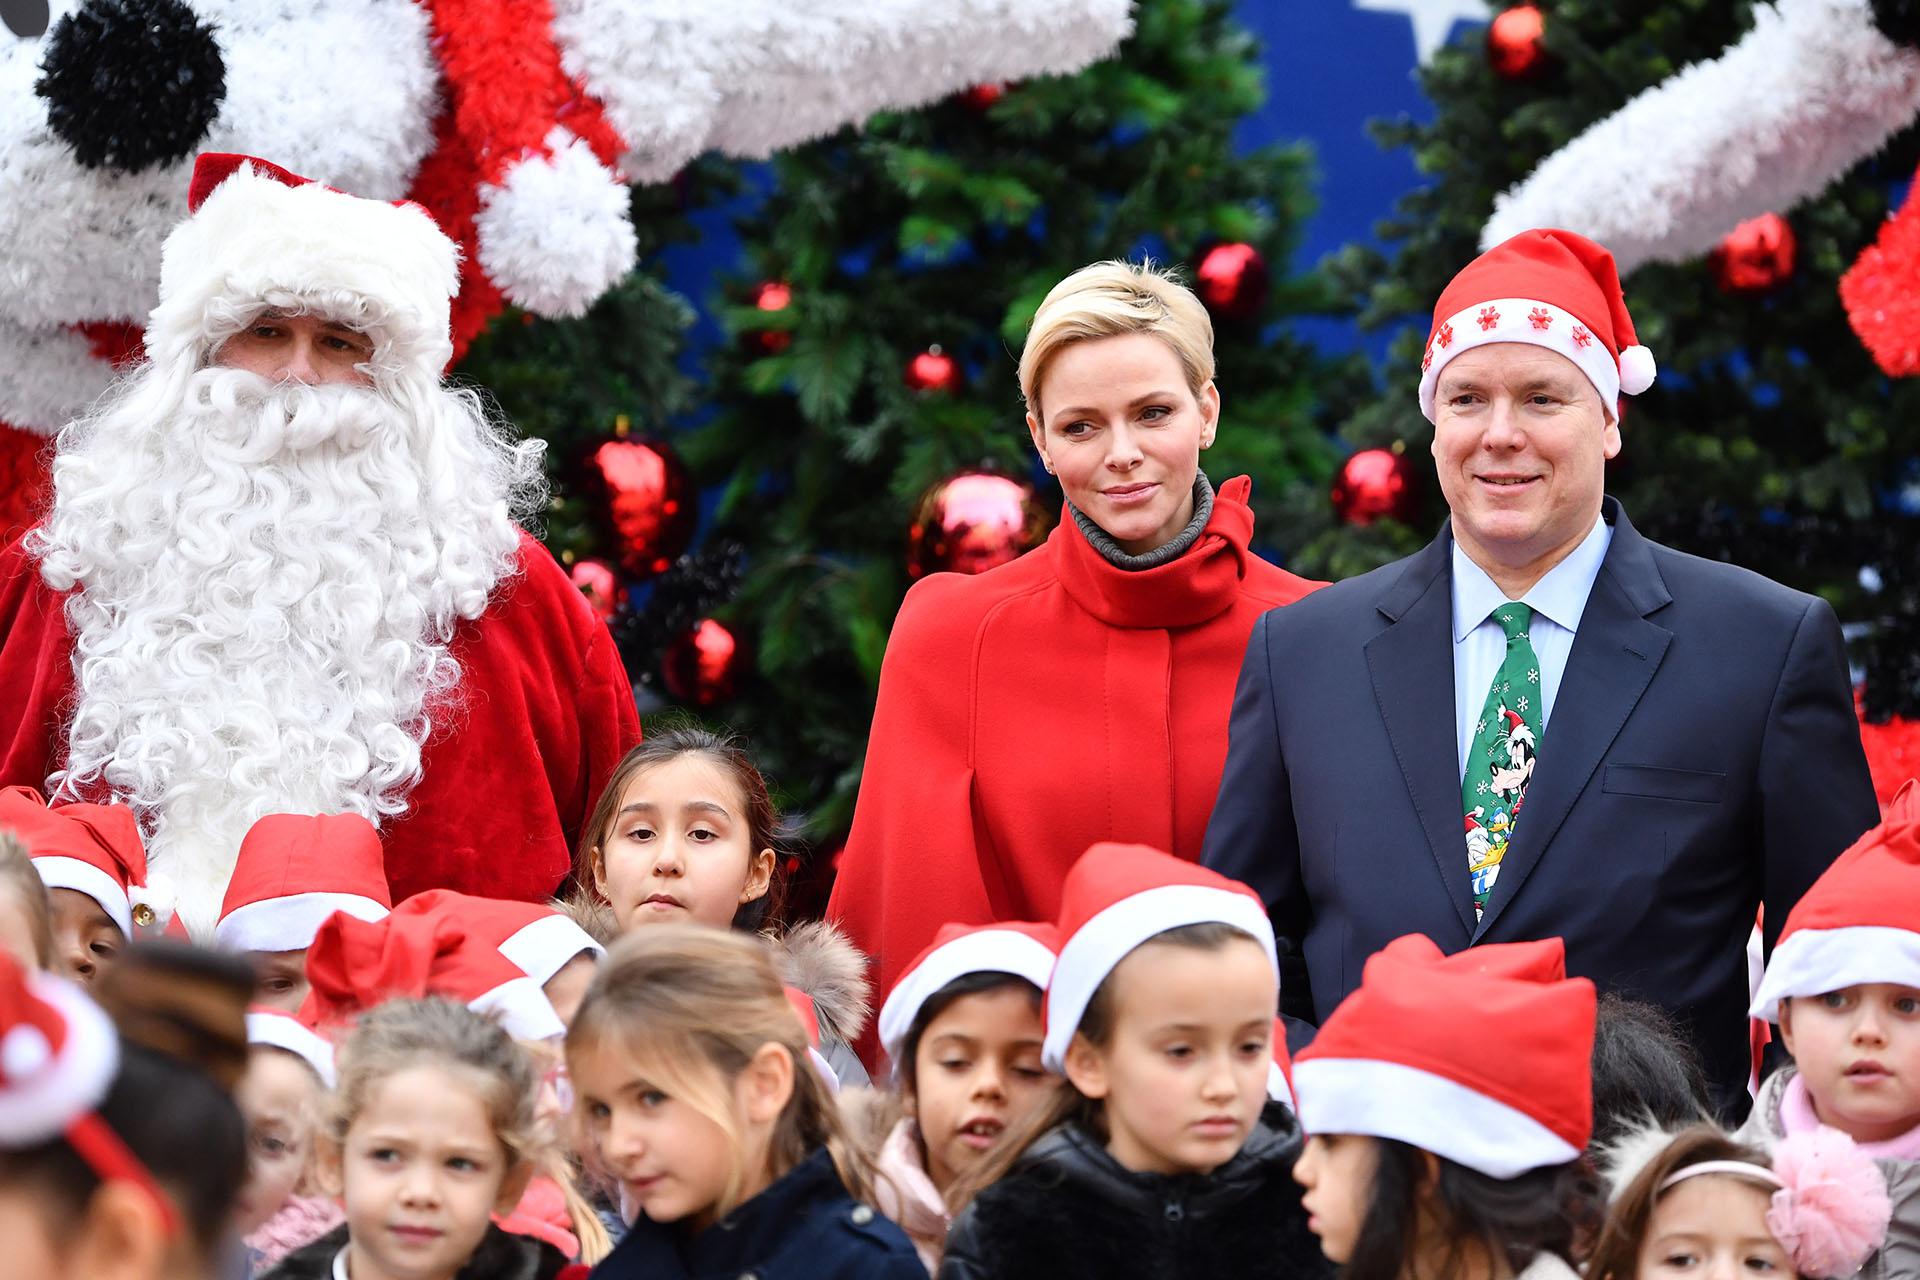 El clima festivo invade el Principado y hasta el propio Soberano se animó a lucir el gorro de Papá Noel /// Fotos: Getty Images